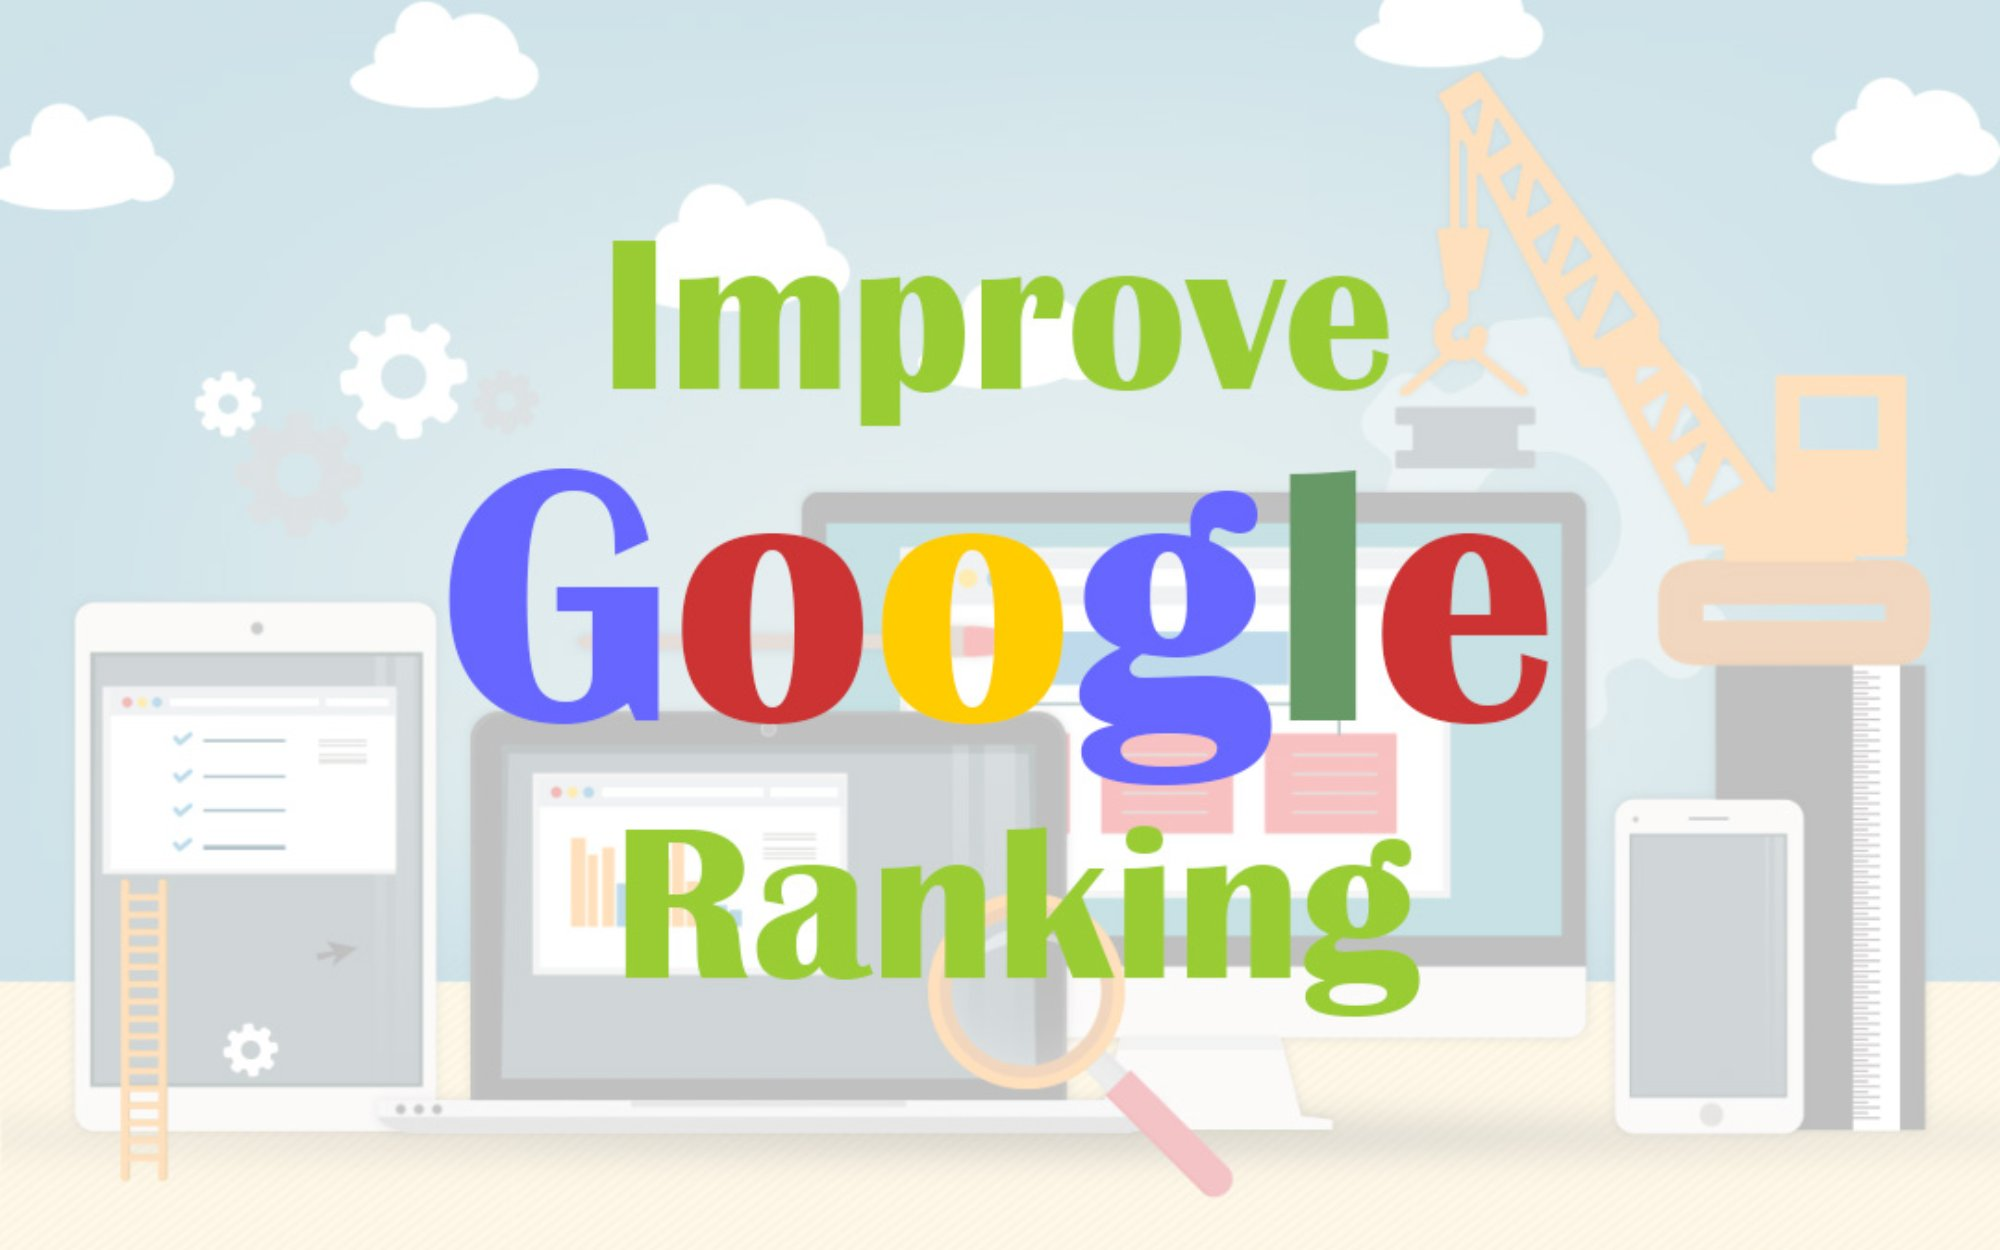 فاکتورهای اصلی کسب رتبه در گوگل و درصد اهمیت شان